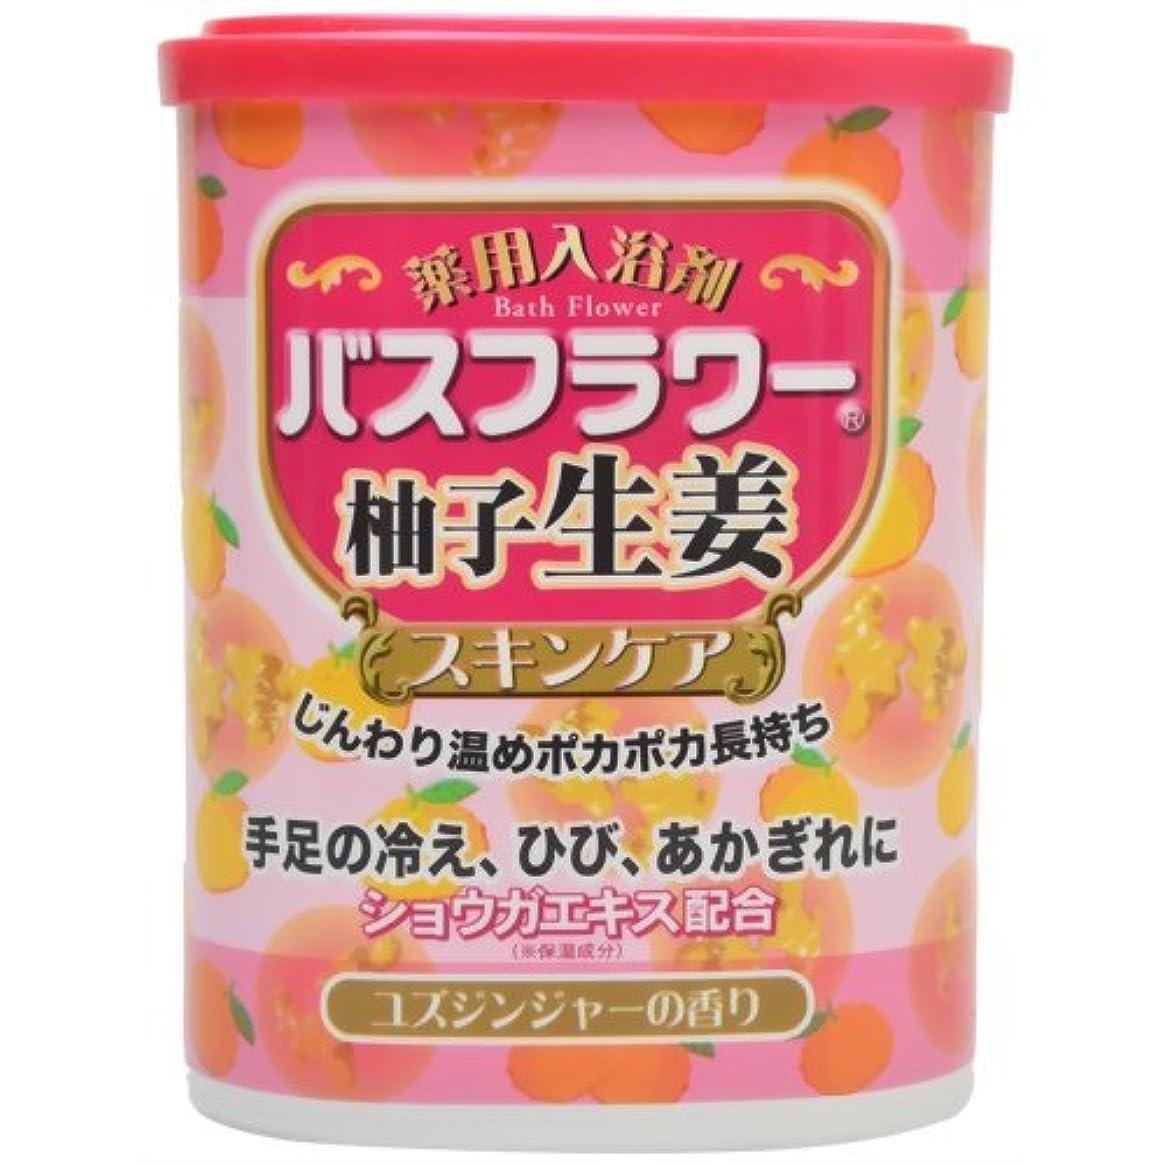 グッゲンハイム美術館桁ピークバスフラワー 薬用入浴剤スキンケア柚子生姜 680g